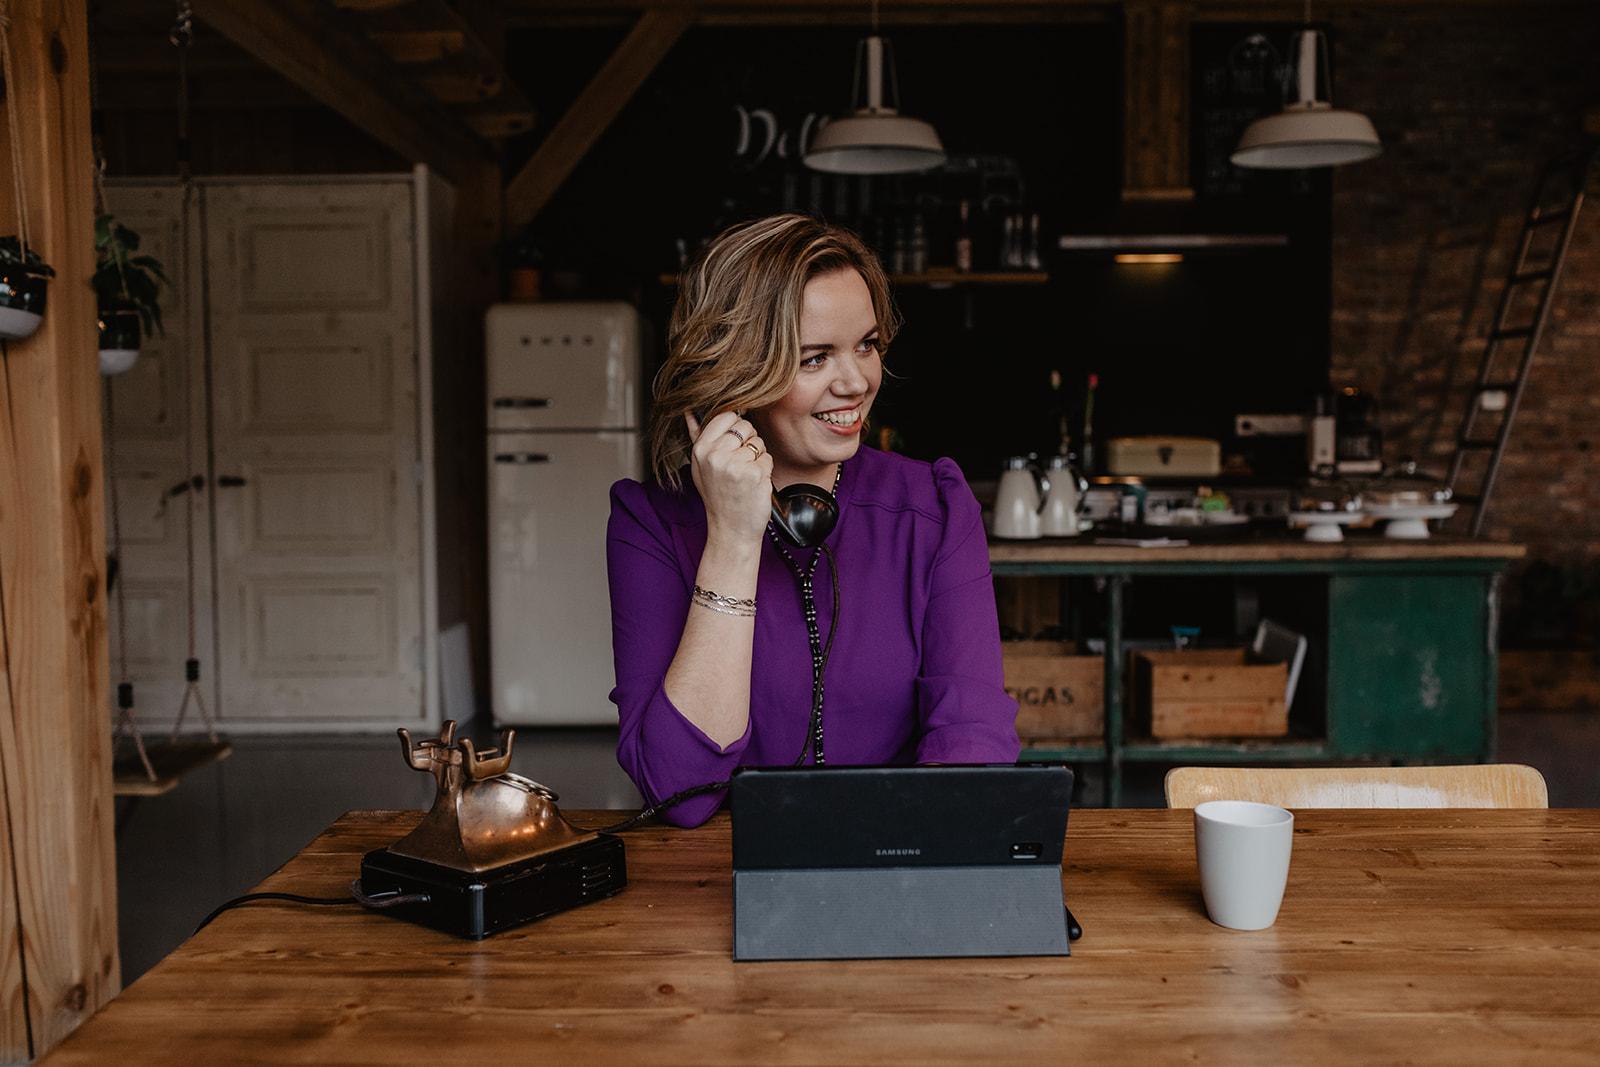 Contact Online Marketing Bianca van Felius